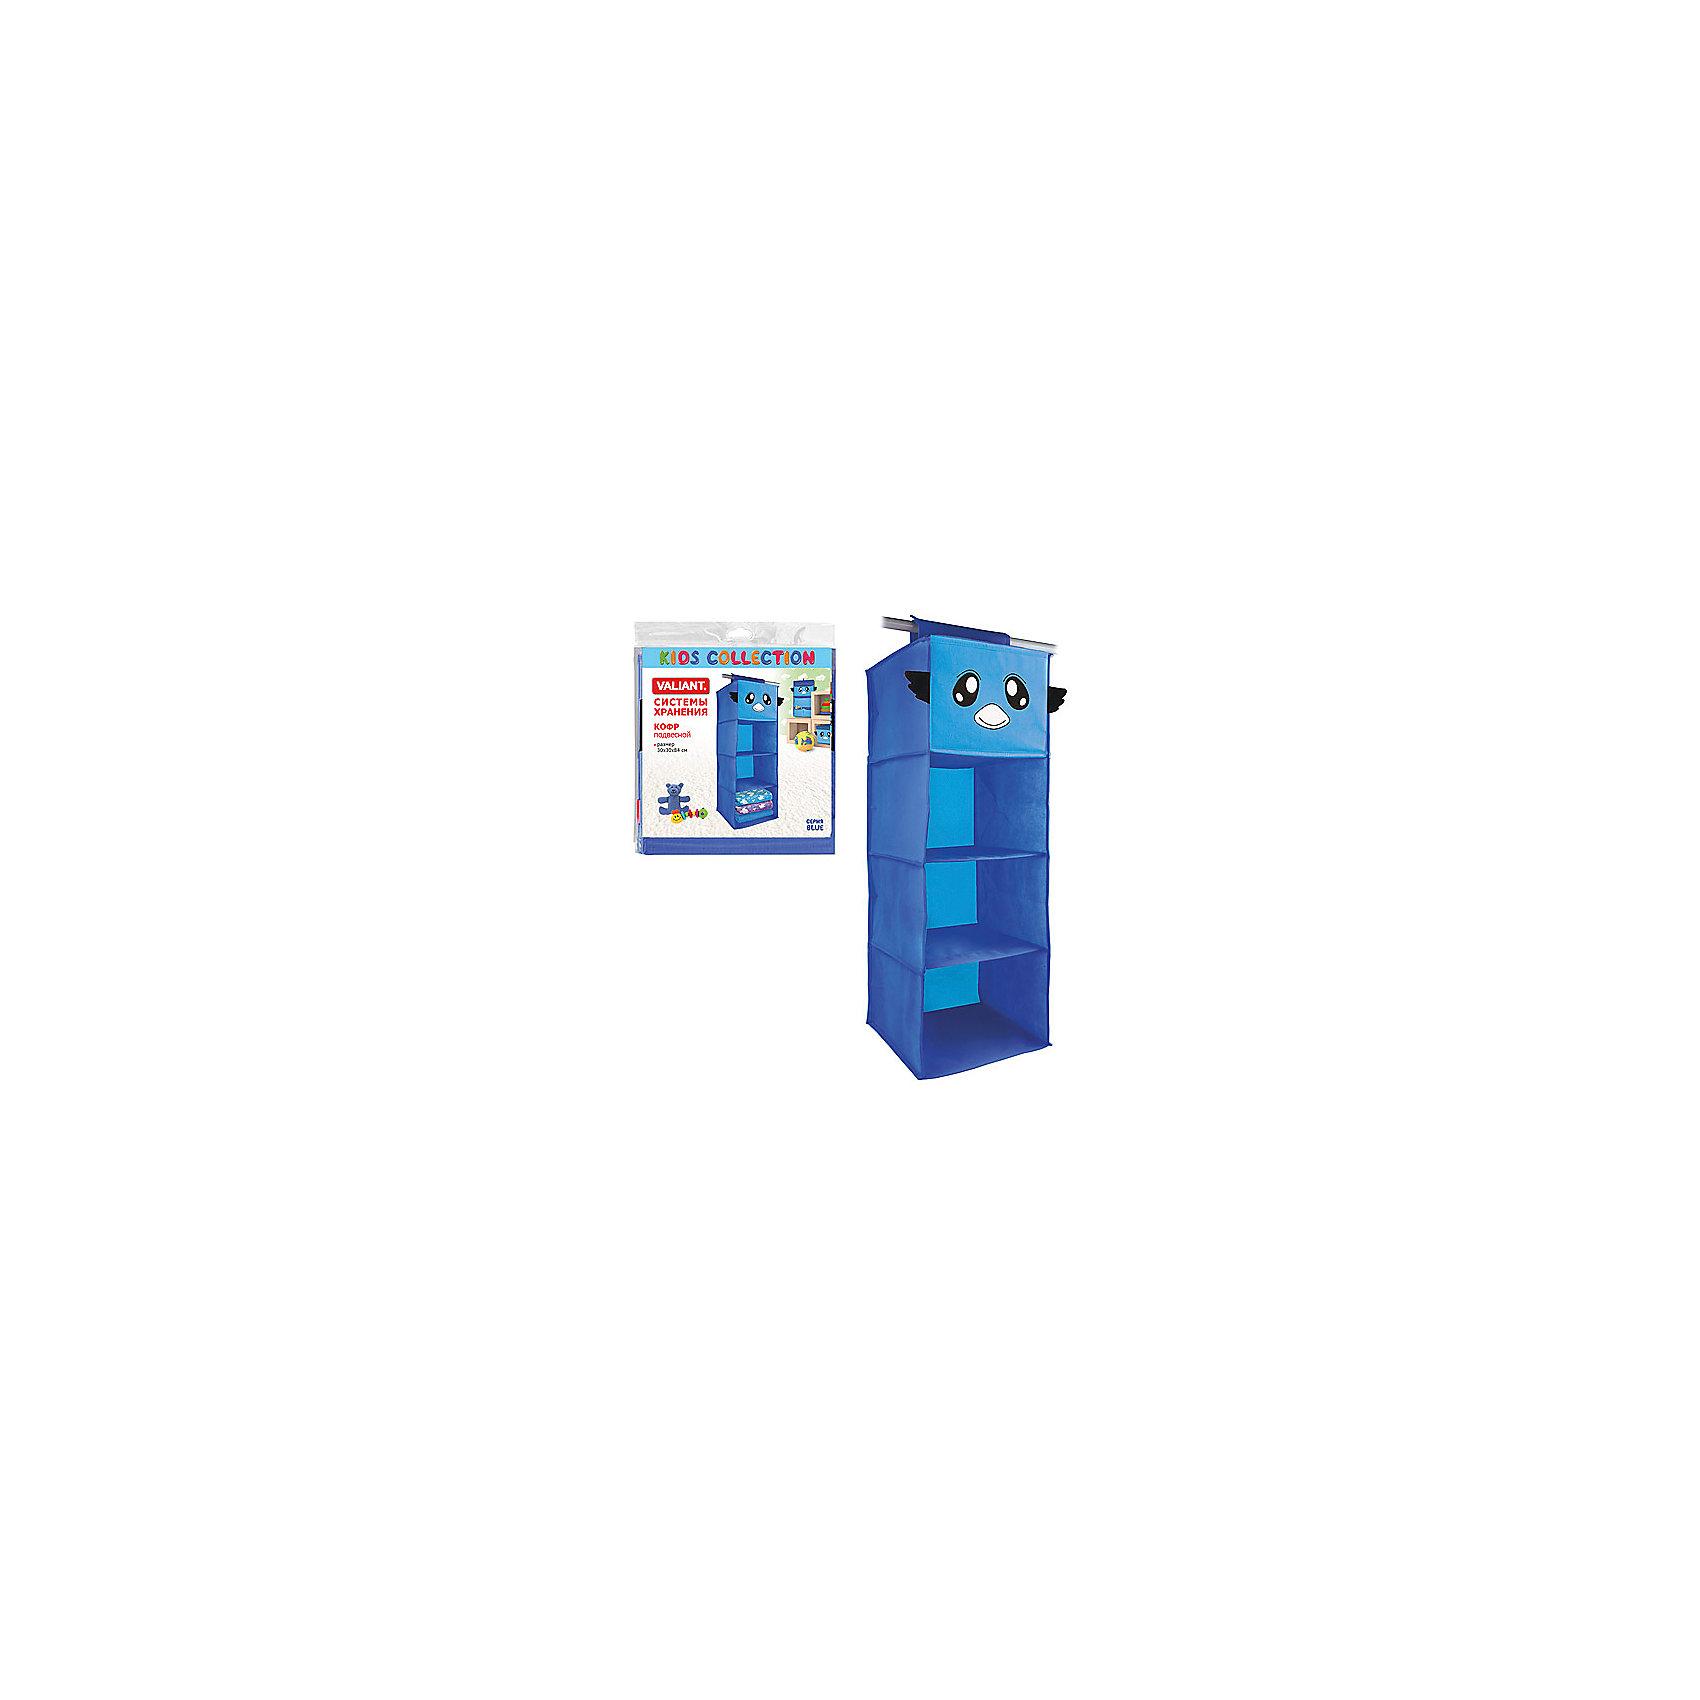 Голубой подвесной кофр 30*30*84 см, 4 полкиГолубой подвесной кофр 30*30*84 см поможет Вам содержать детскую<br>комнату в идеальном состоянии. А яркий и современный дизайн<br>украсит интерьер детской комнаты.<br>Благодаря своей особой фактуре не пропускает пыль, но при этом позволяет<br>воздуху свободно проникать внутрь, обеспечивая естественную вентиляцию.<br>Защищает вещи от моли. Материал легок, удобен и не образует складок.<br>Особая конструкция позволяет при необходимости одним движением сложить<br>или разложить кофр.<br>Стирка изделия запрещена. Рекомендуется сухая чистка.<br>Срок годности не ограничен.<br><br>Дополнительная информация:<br><br>- цвет: синий<br>- материал: нетканое полотно<br>- вместительность: 4 секции<br>- специальные функции: - подвесной<br>- размеры: 30 * 84 * 30 см. <br><br>Голубой подвесной кофр 30*30*84 см. 4 полки можно купить в нашем интернет-магазине.<br><br>Ширина мм: 300<br>Глубина мм: 300<br>Высота мм: 840<br>Вес г: 633<br>Возраст от месяцев: -2147483648<br>Возраст до месяцев: 2147483647<br>Пол: Унисекс<br>Возраст: Детский<br>SKU: 4563423